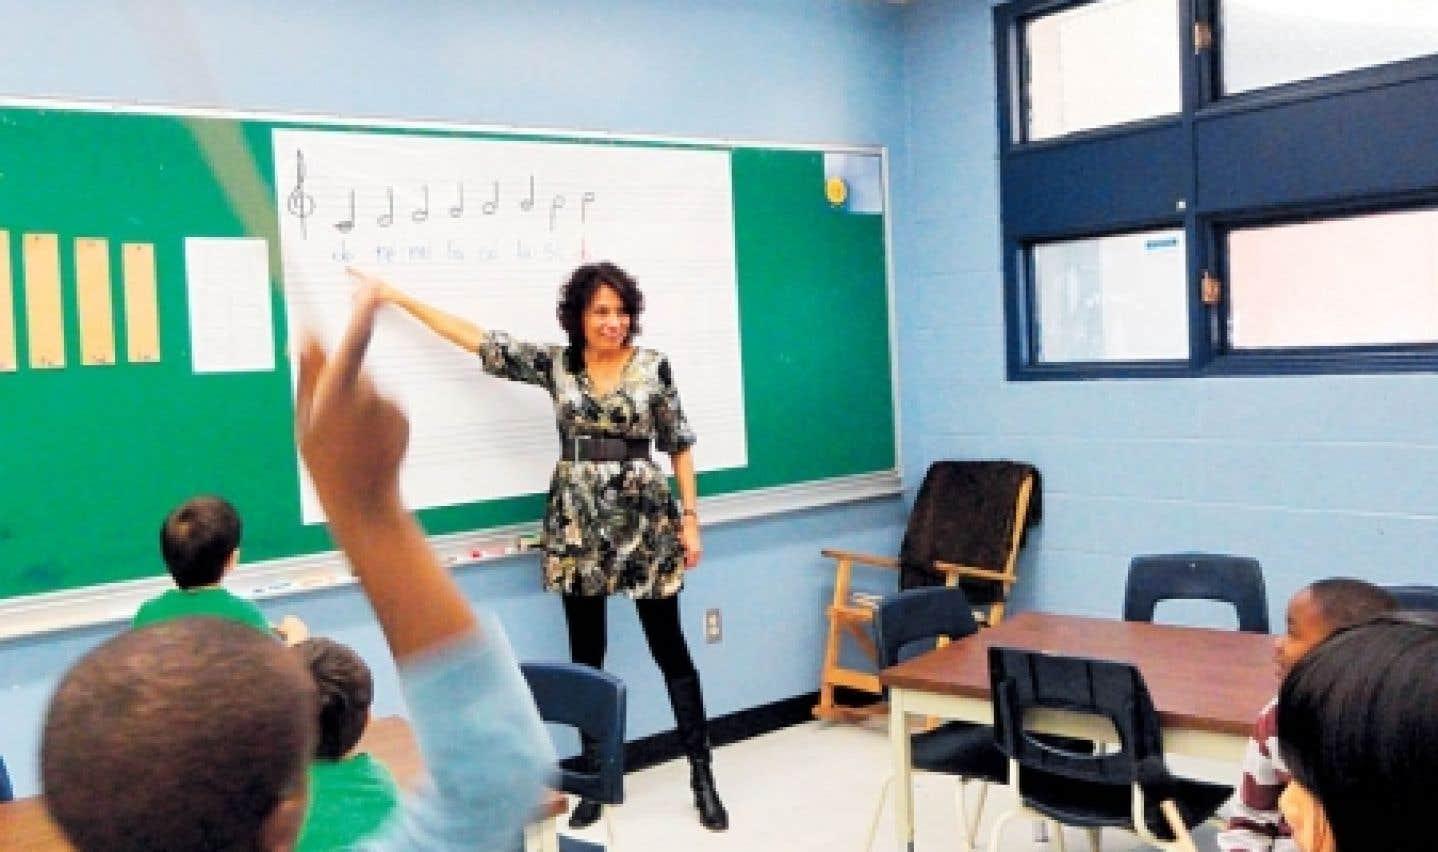 Musicothérapie - De l'improvisation instrumentale et vocale surgit l'émotion